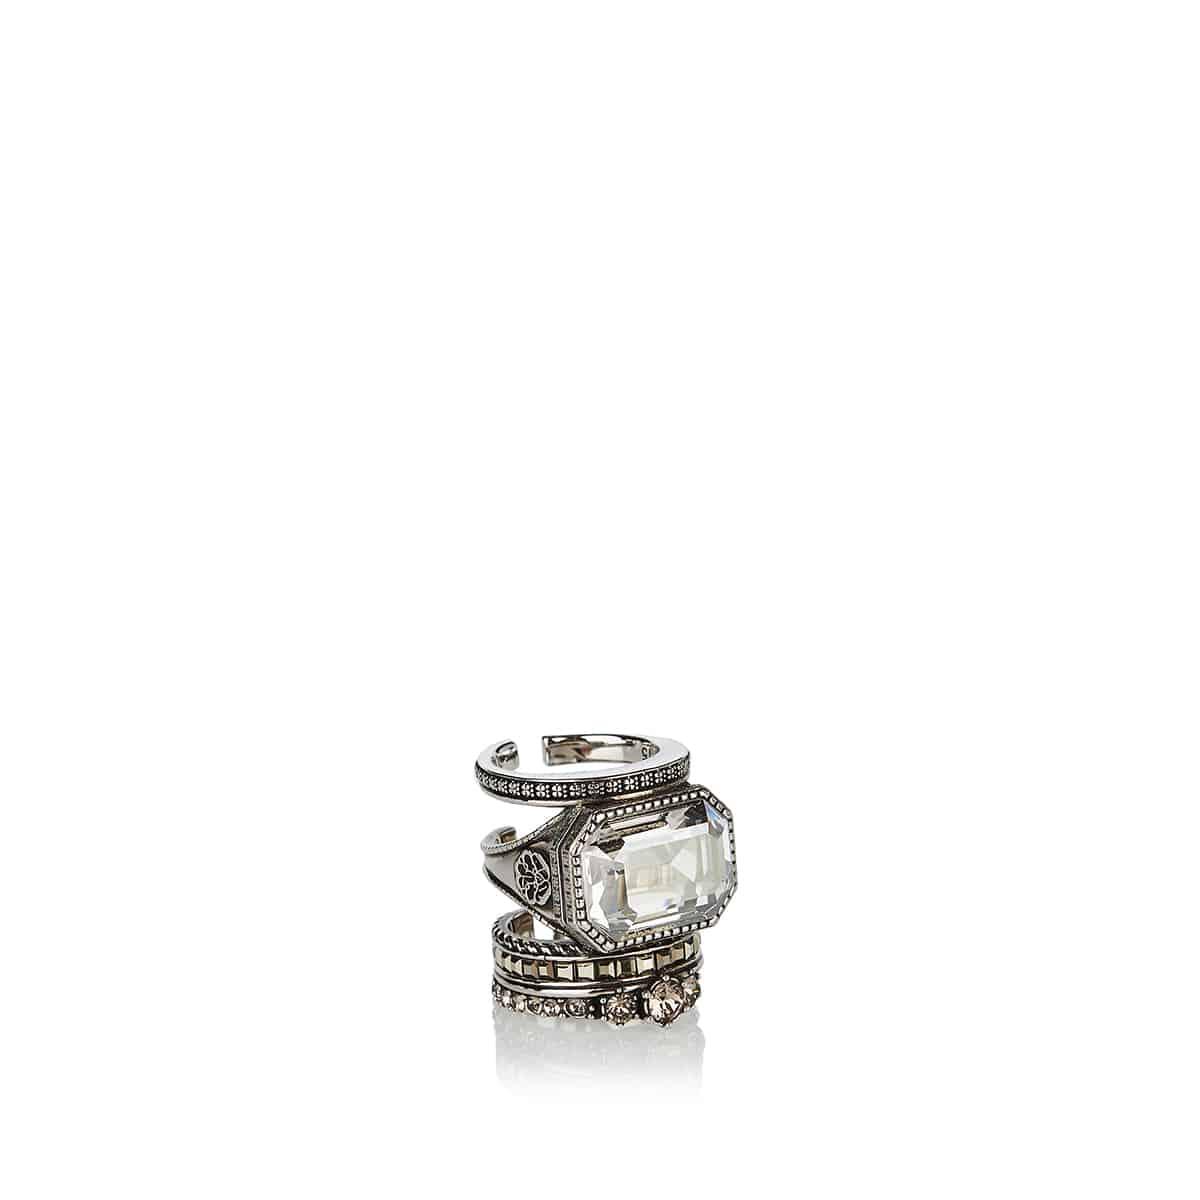 Crystal-embellished brass ring